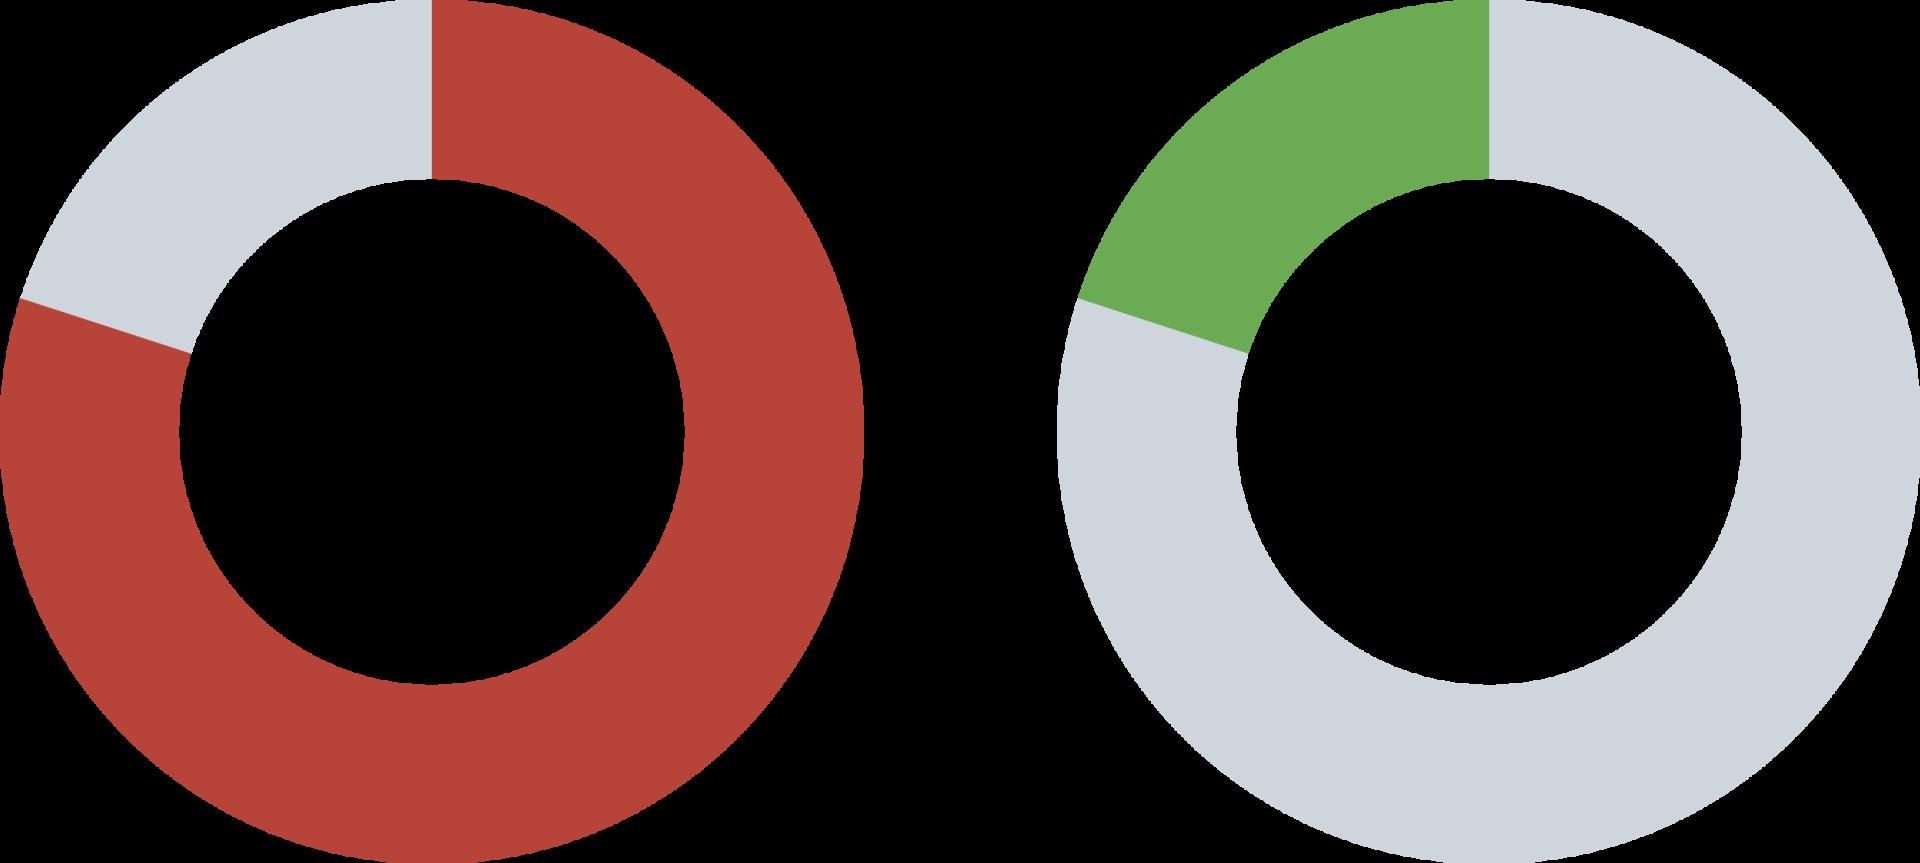 De Italiaanse Tecnica-groep heeft 75% van de LOWA-aandelen in handen, terwijl Werner Riethmann (directeur van LOWA) een aandeel van 25% in het bedrijf heeft.